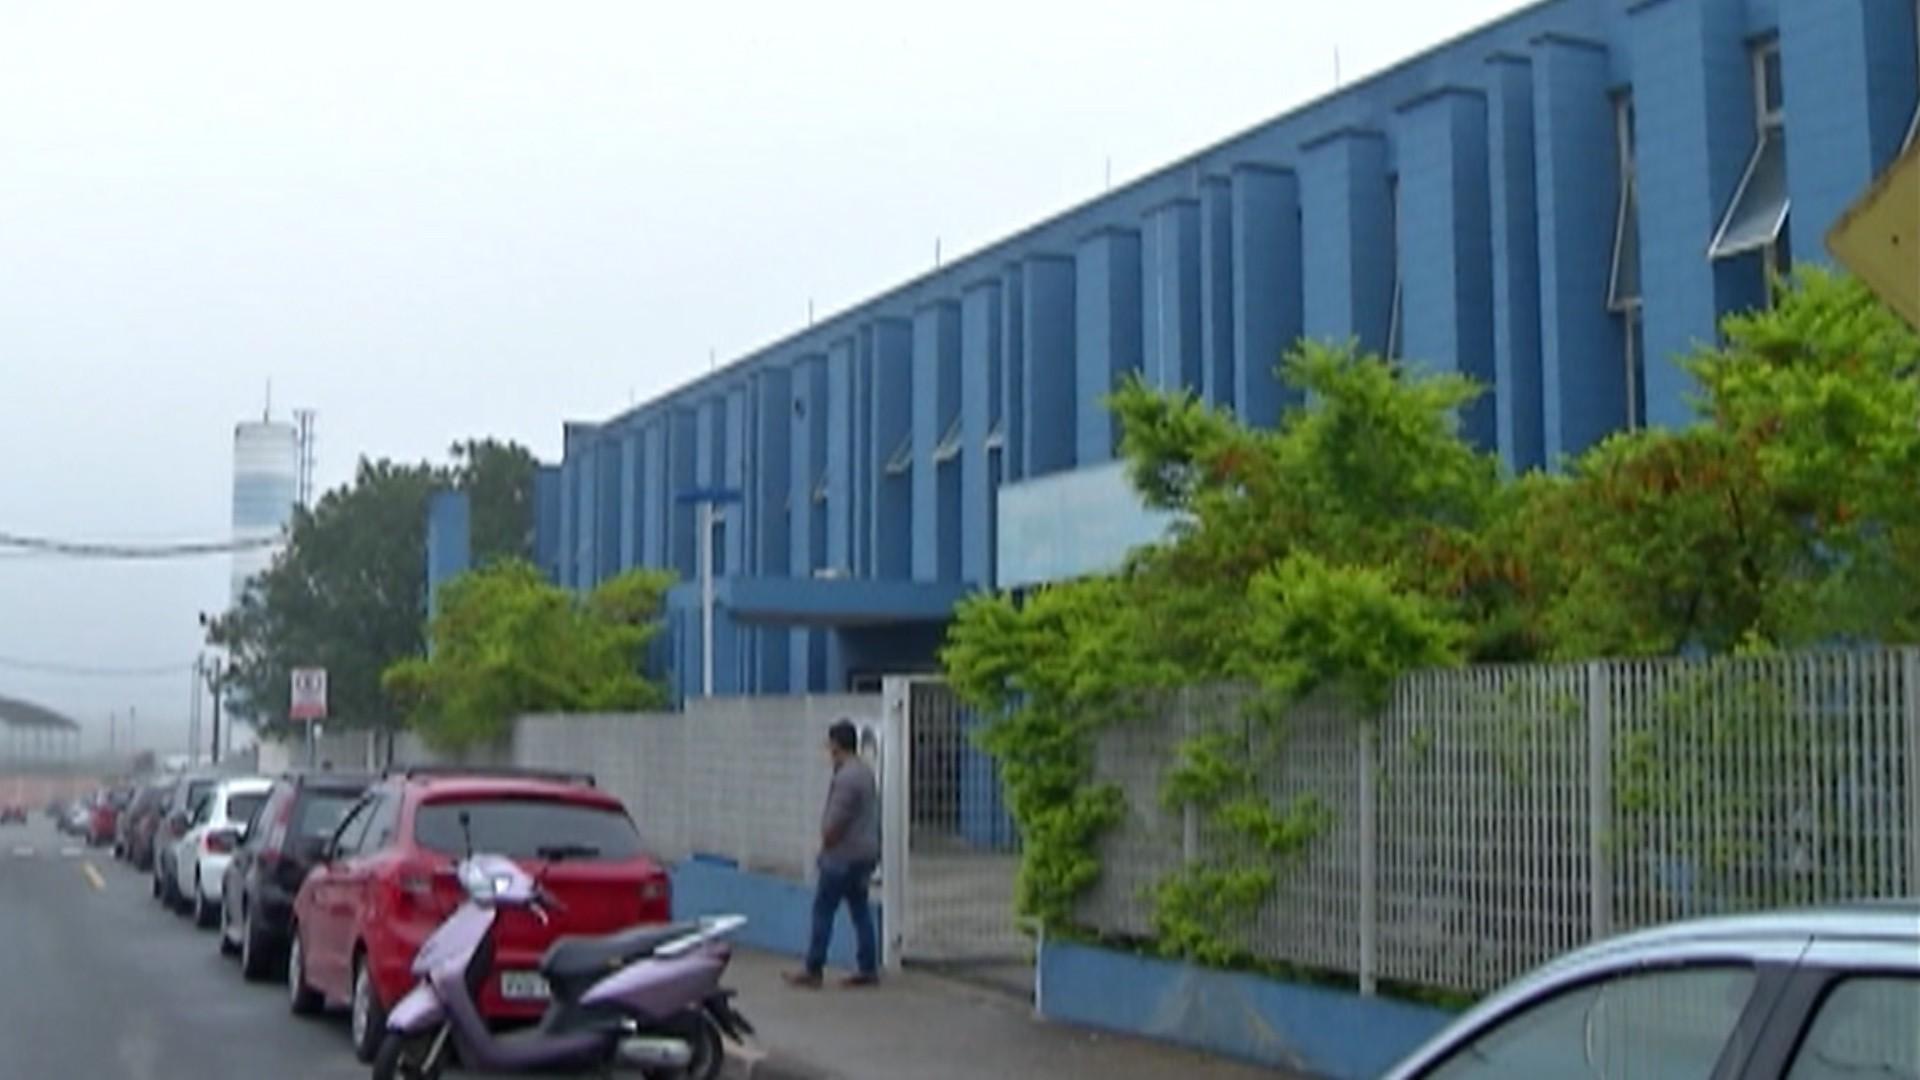 Três meses após inaugurar prédio de UPA, Arujá desiste do equipamento e vai usar estrutura para Pronto Atendimento - Radio Evangelho Gospel